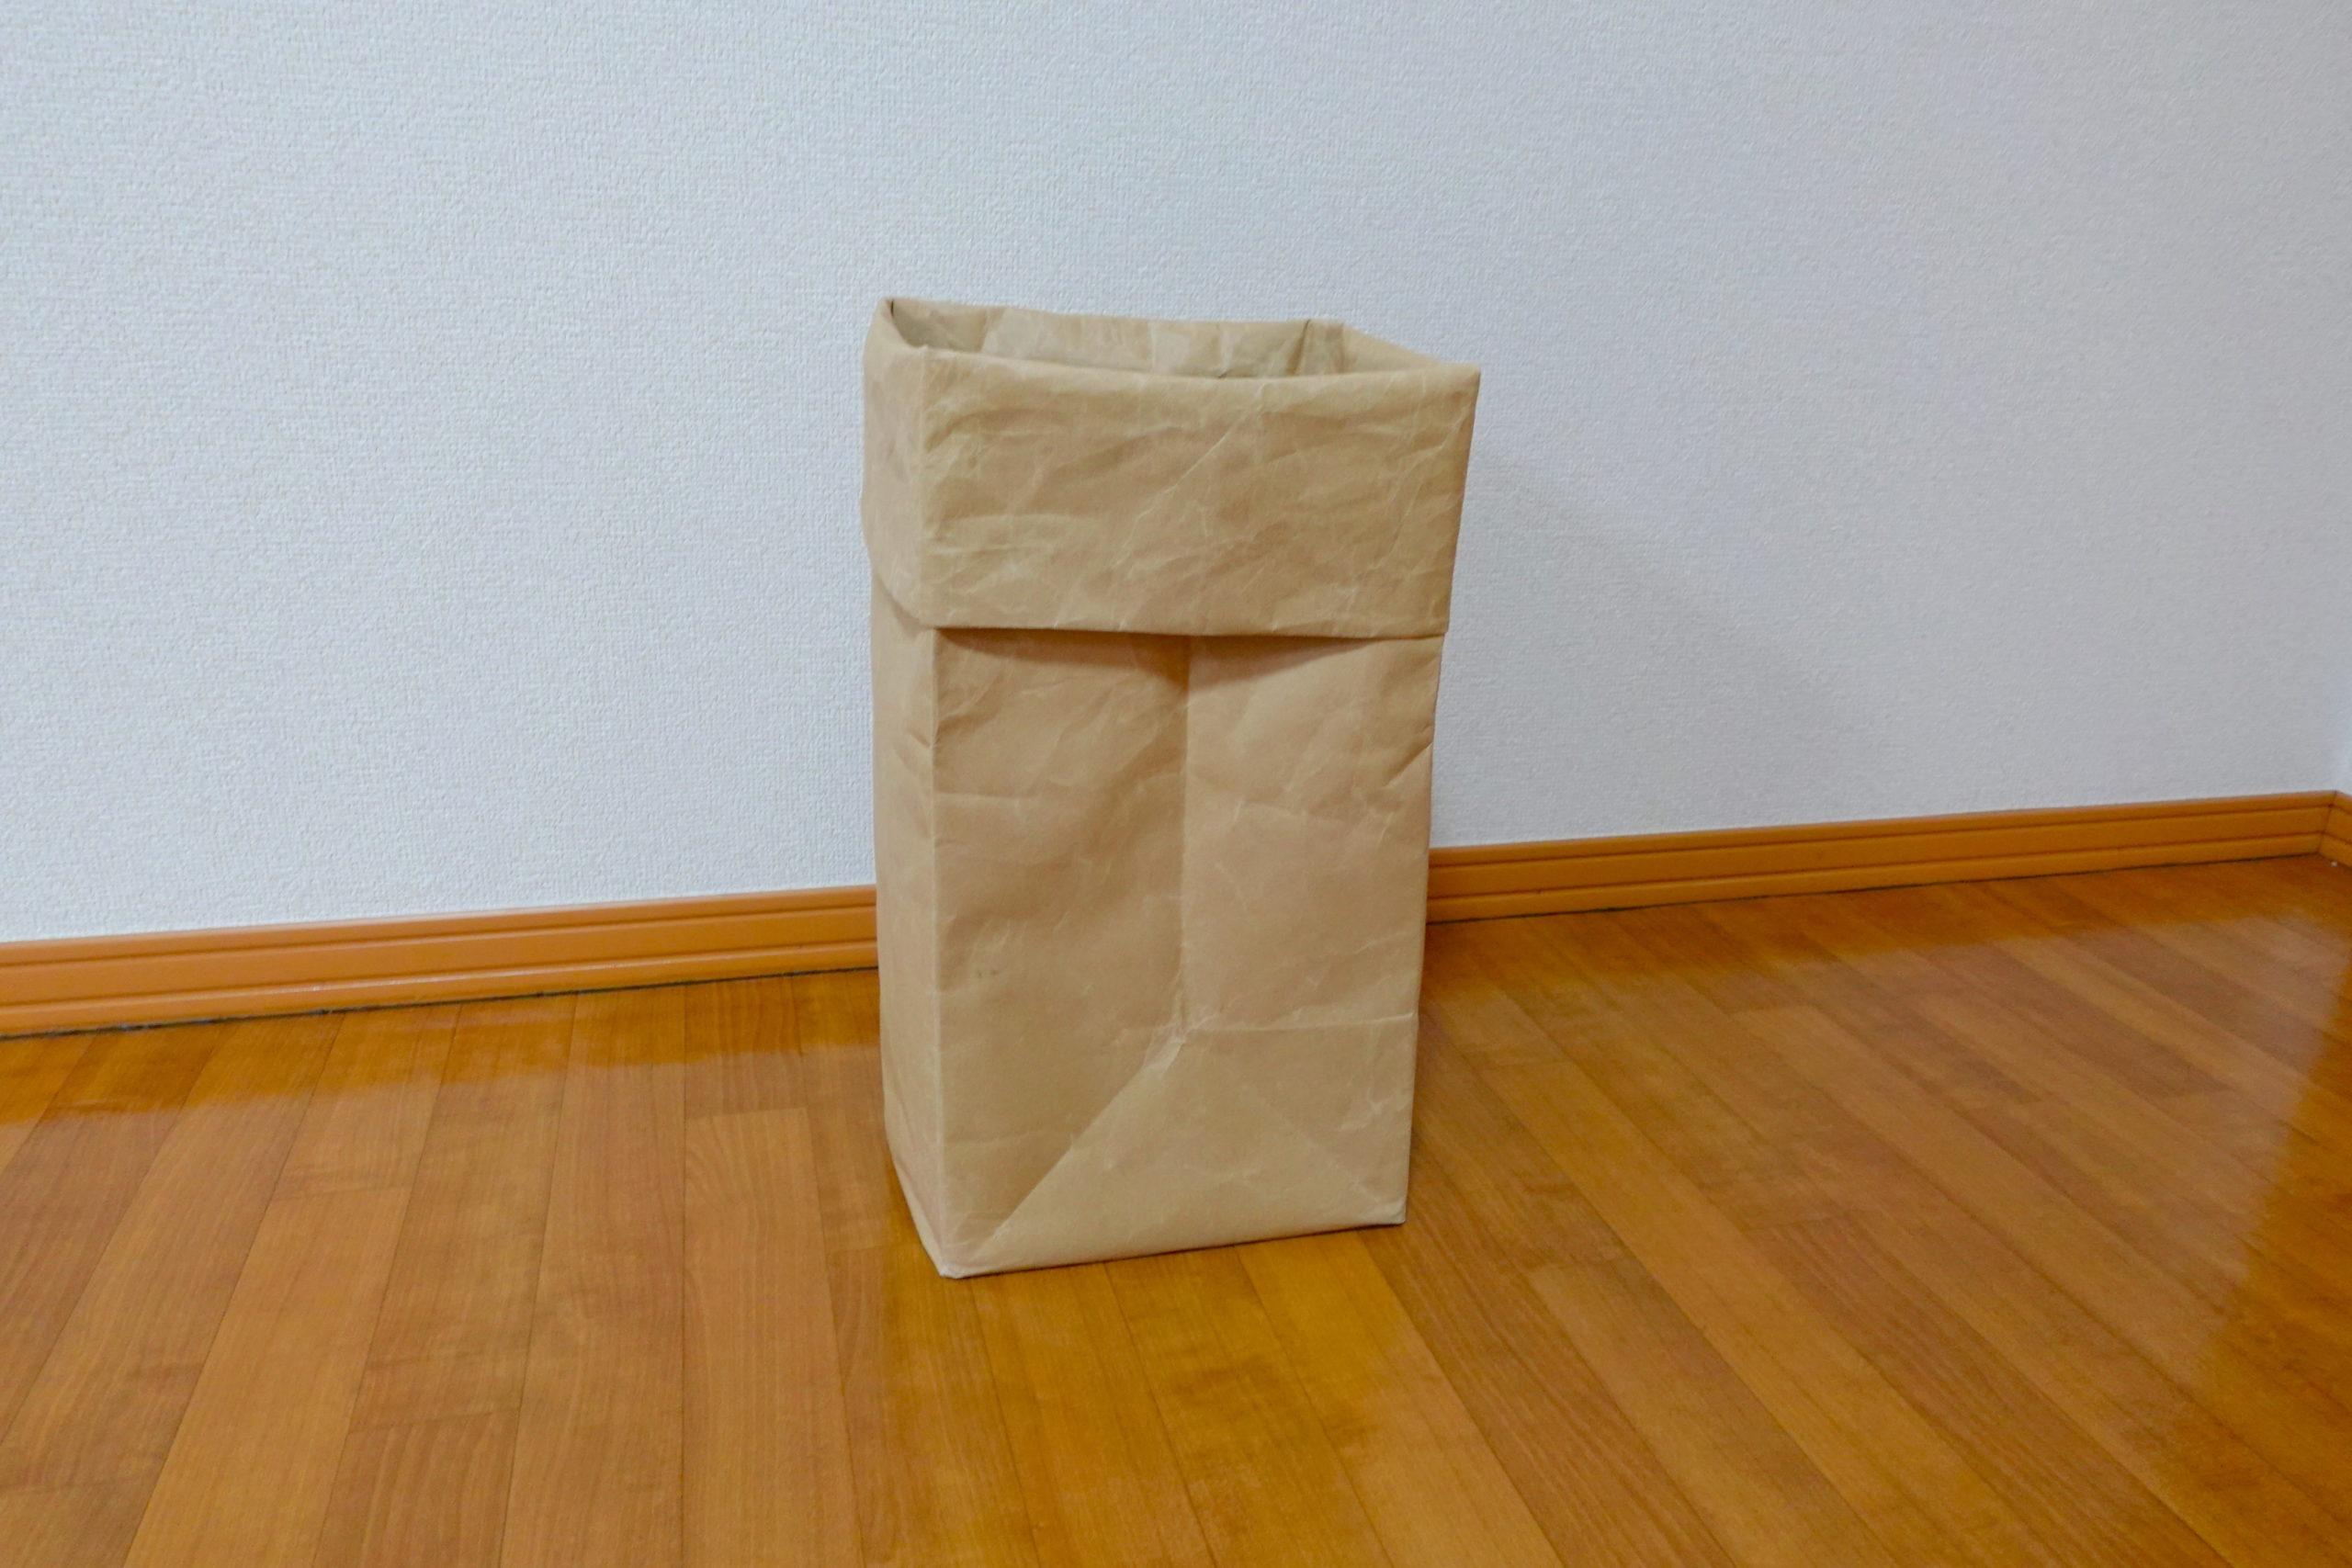 【レビューまとめ】SIWAのボックスは実用性・ファッション性を兼ね備えた名品